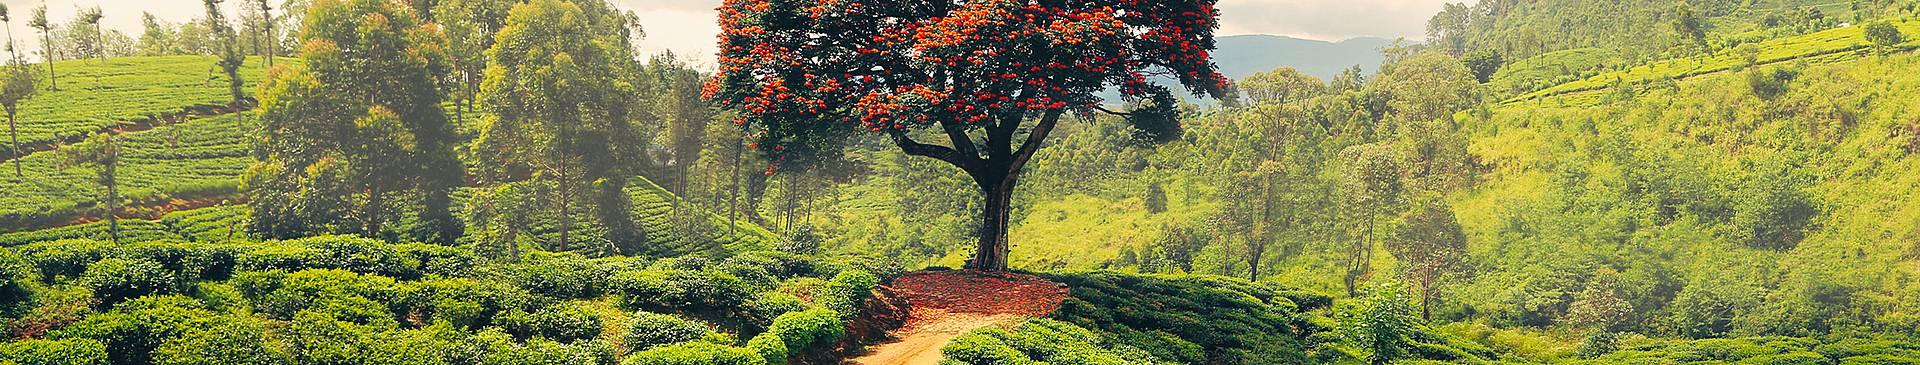 Voyage nature au Sri Lanka